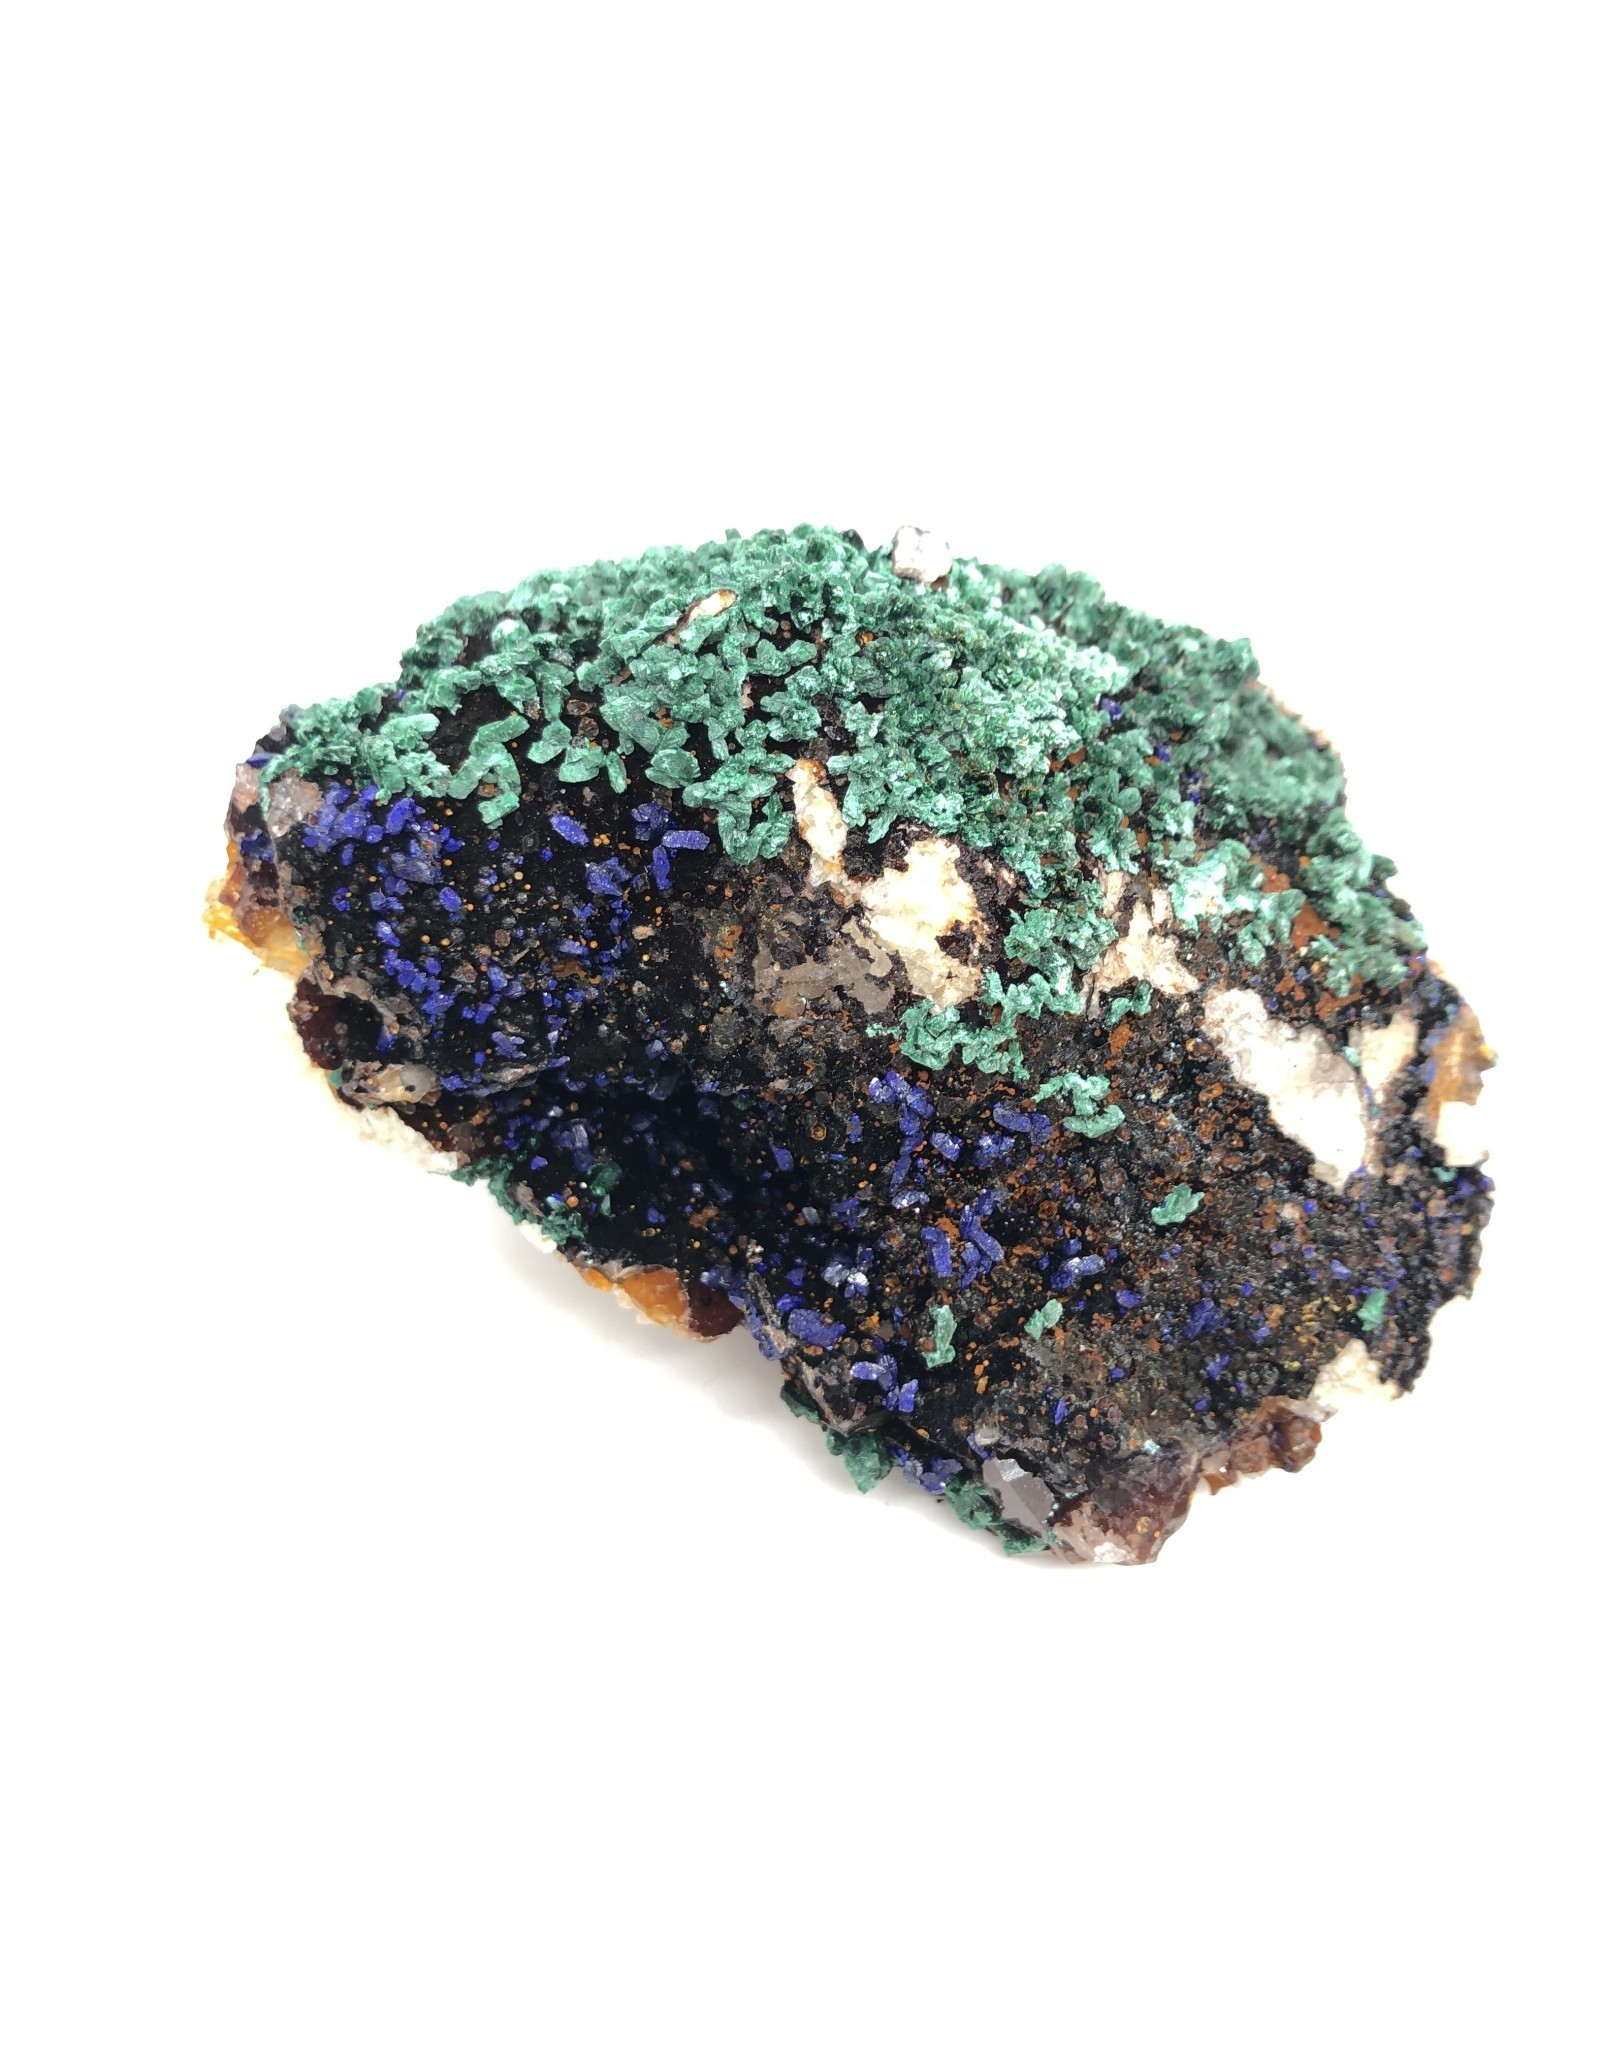 Malachite and Azurite Crystals on Quartz (Morocco)